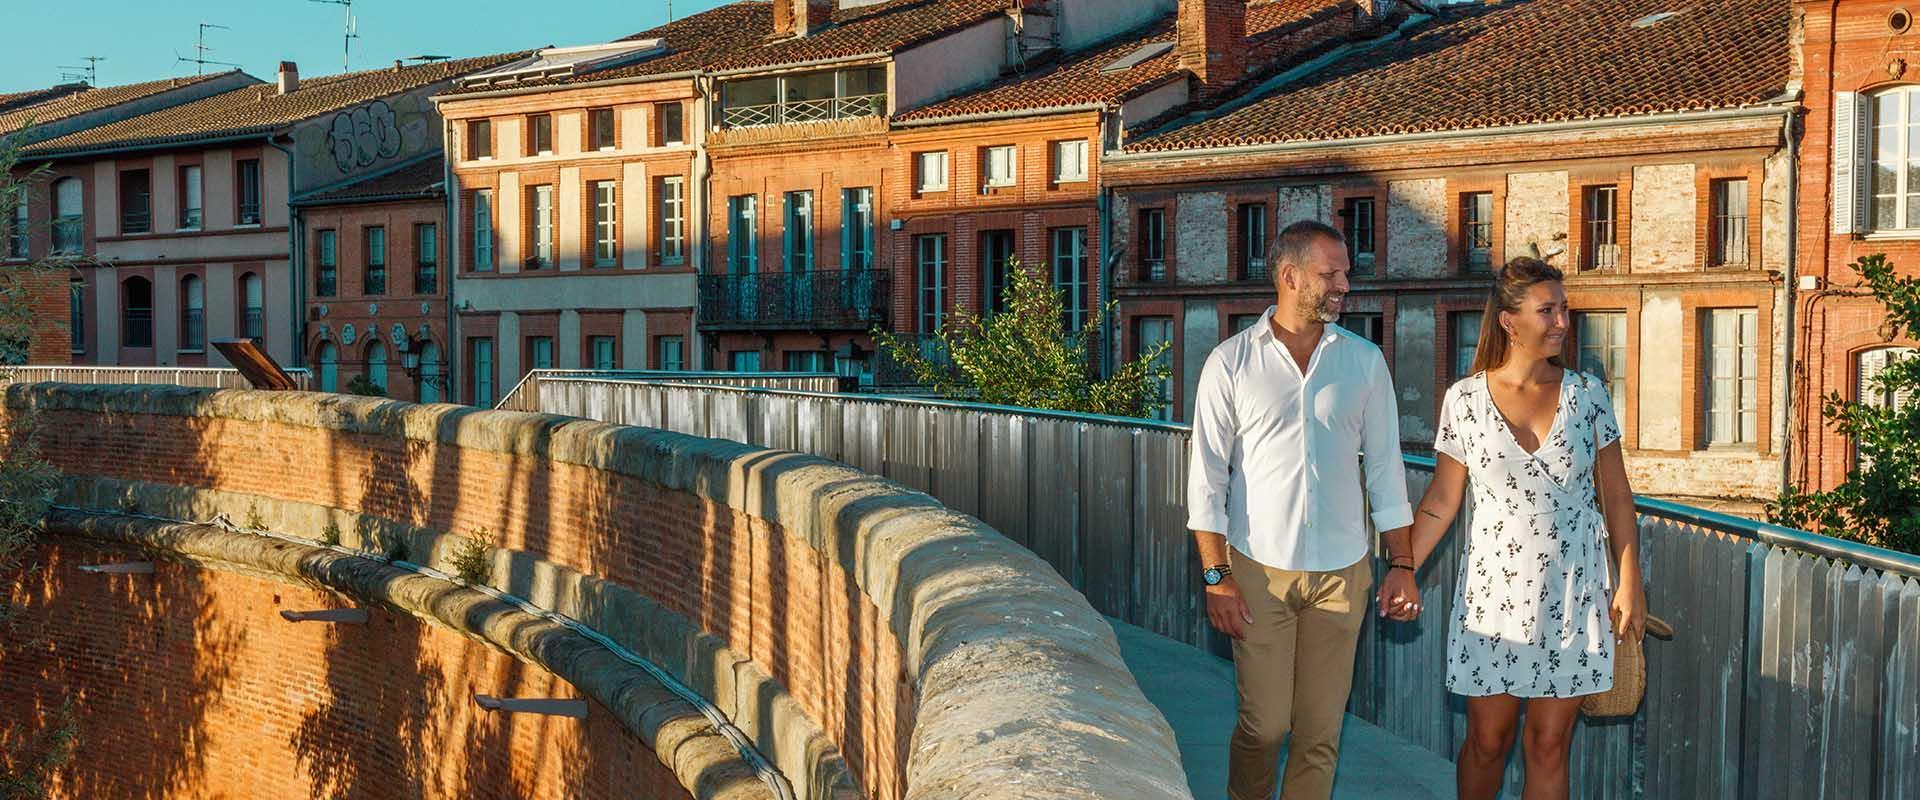 Pour un séjour romantique, direction Toulouse